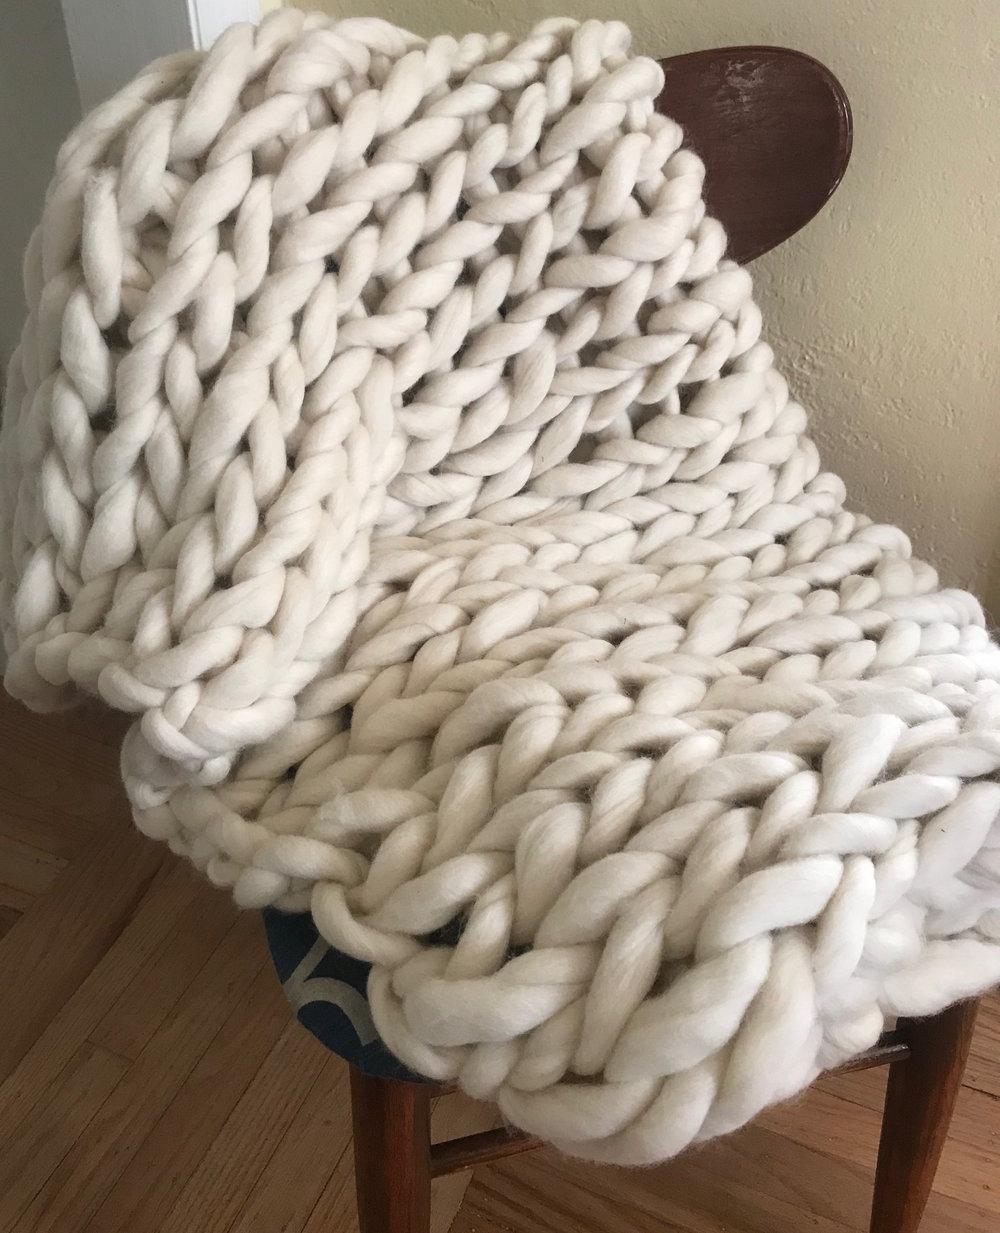 blanketonchair.jpg